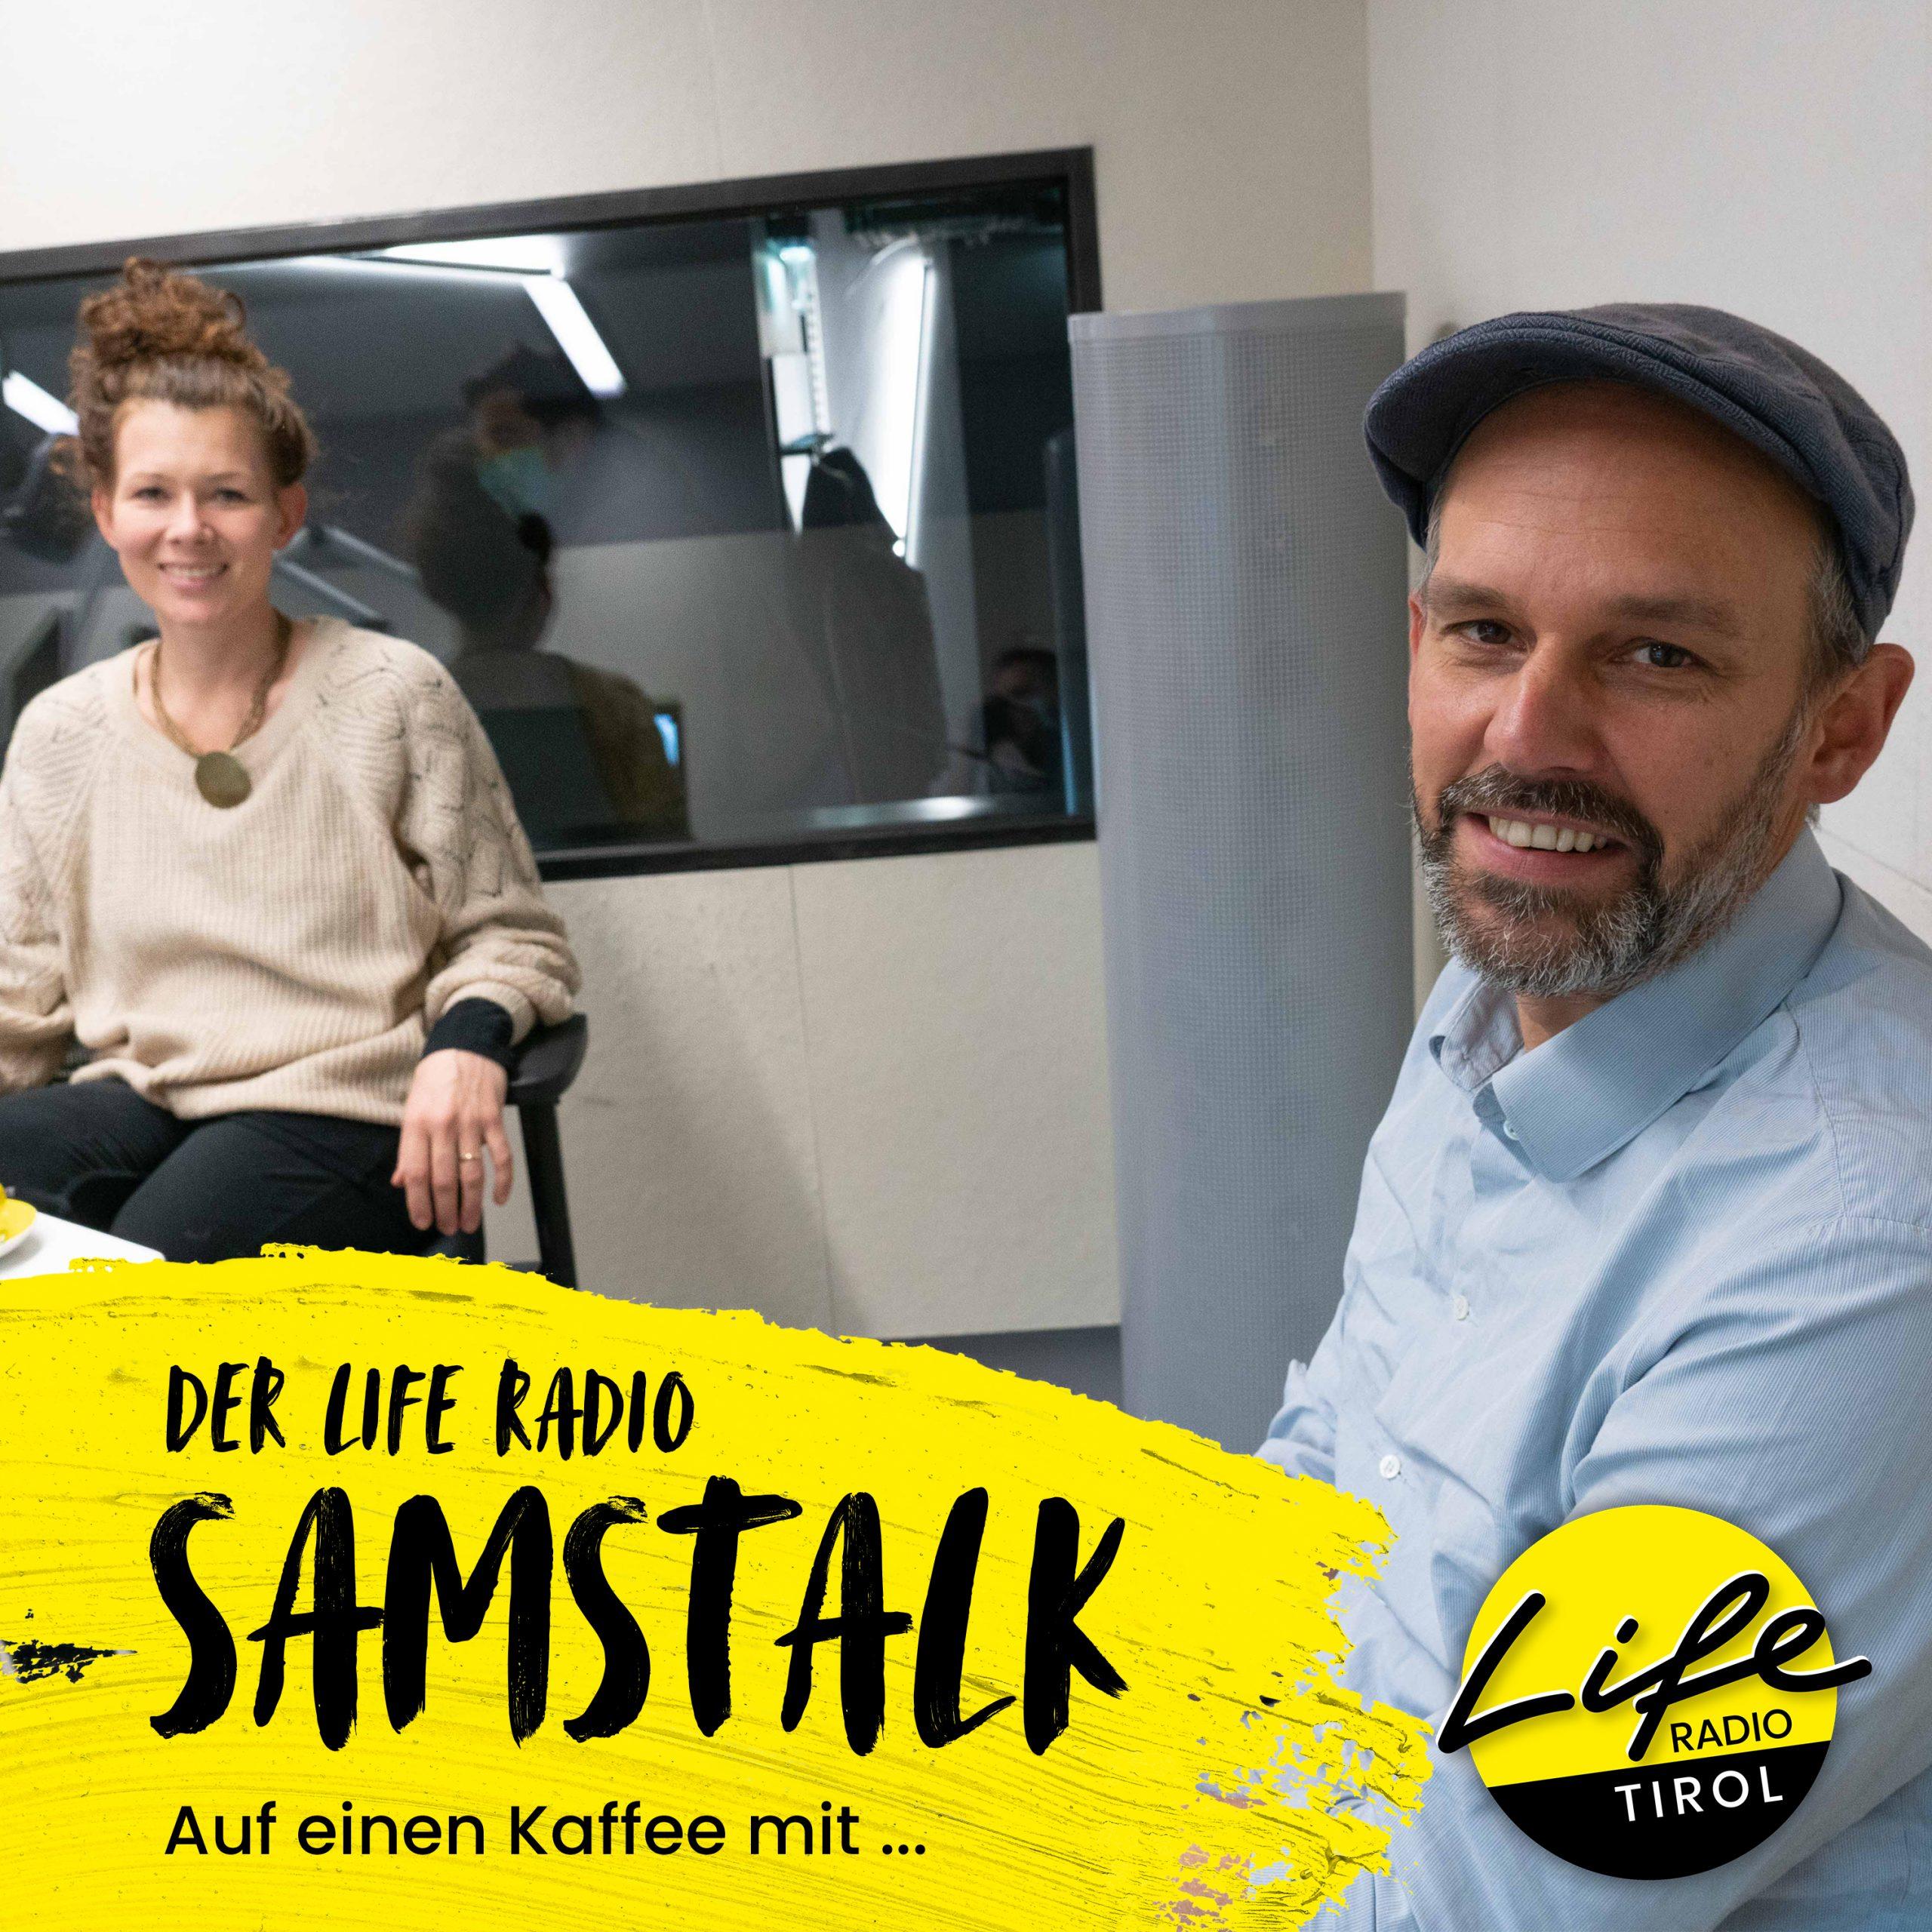 Auf einen Kaffee mit der klinischen Psychologin Johanna Constantini